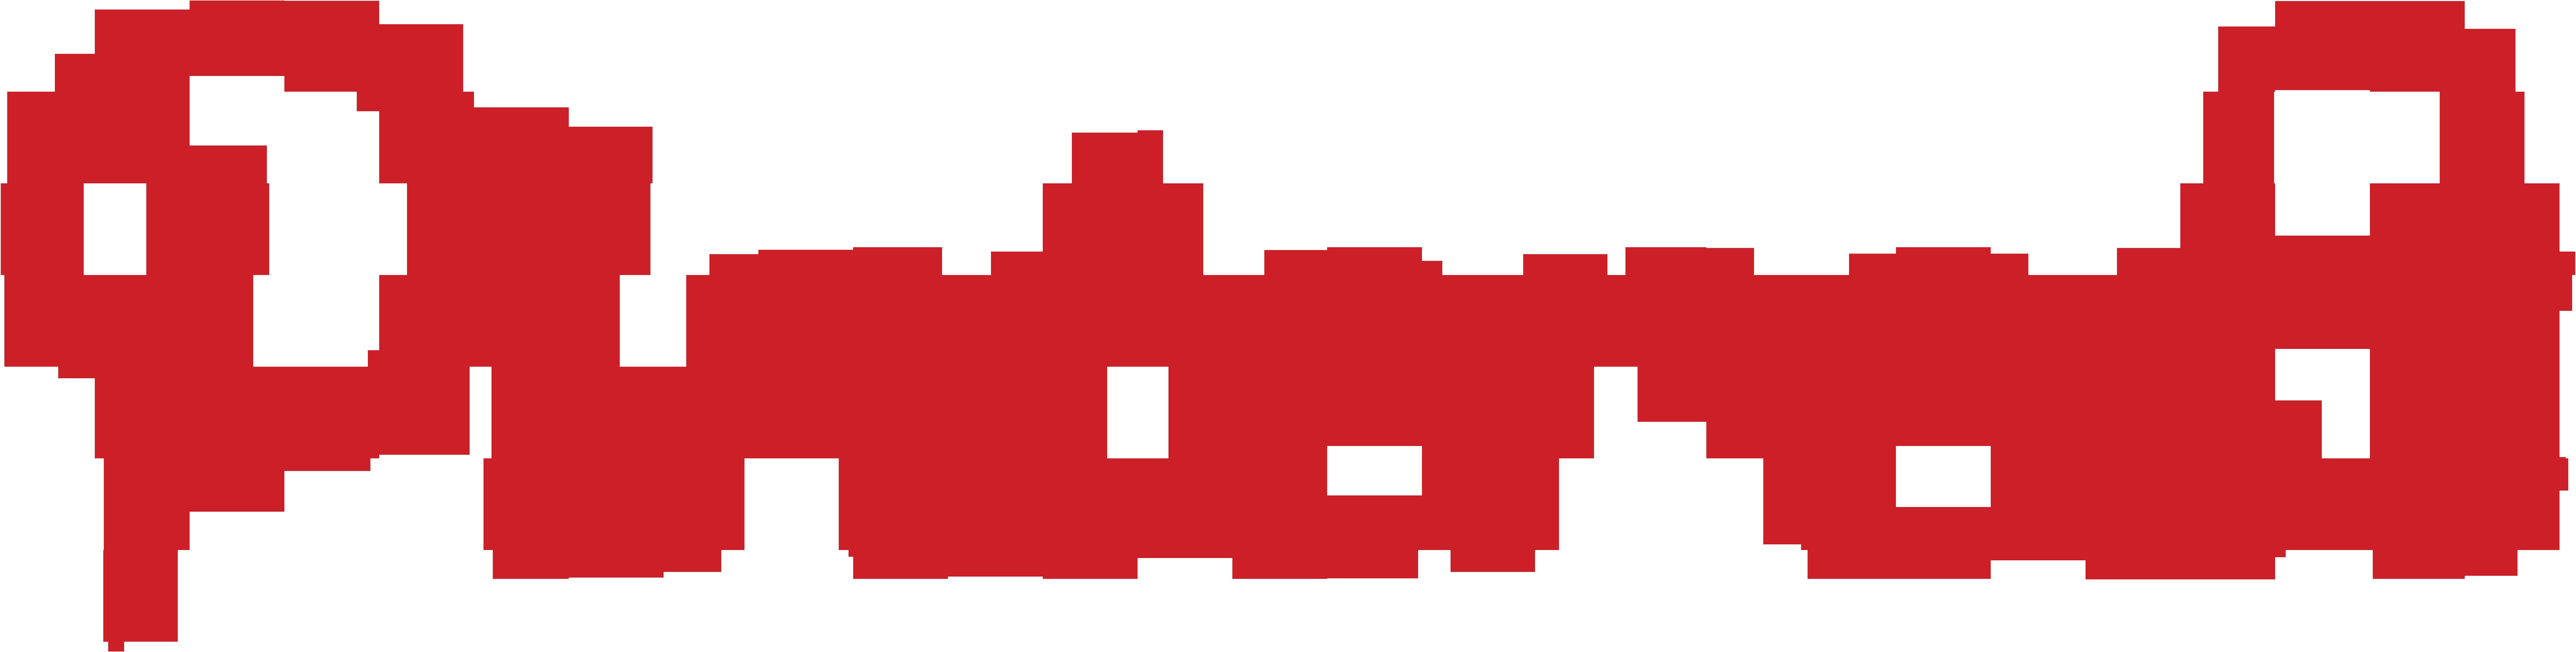 Pinterest Logo in Red